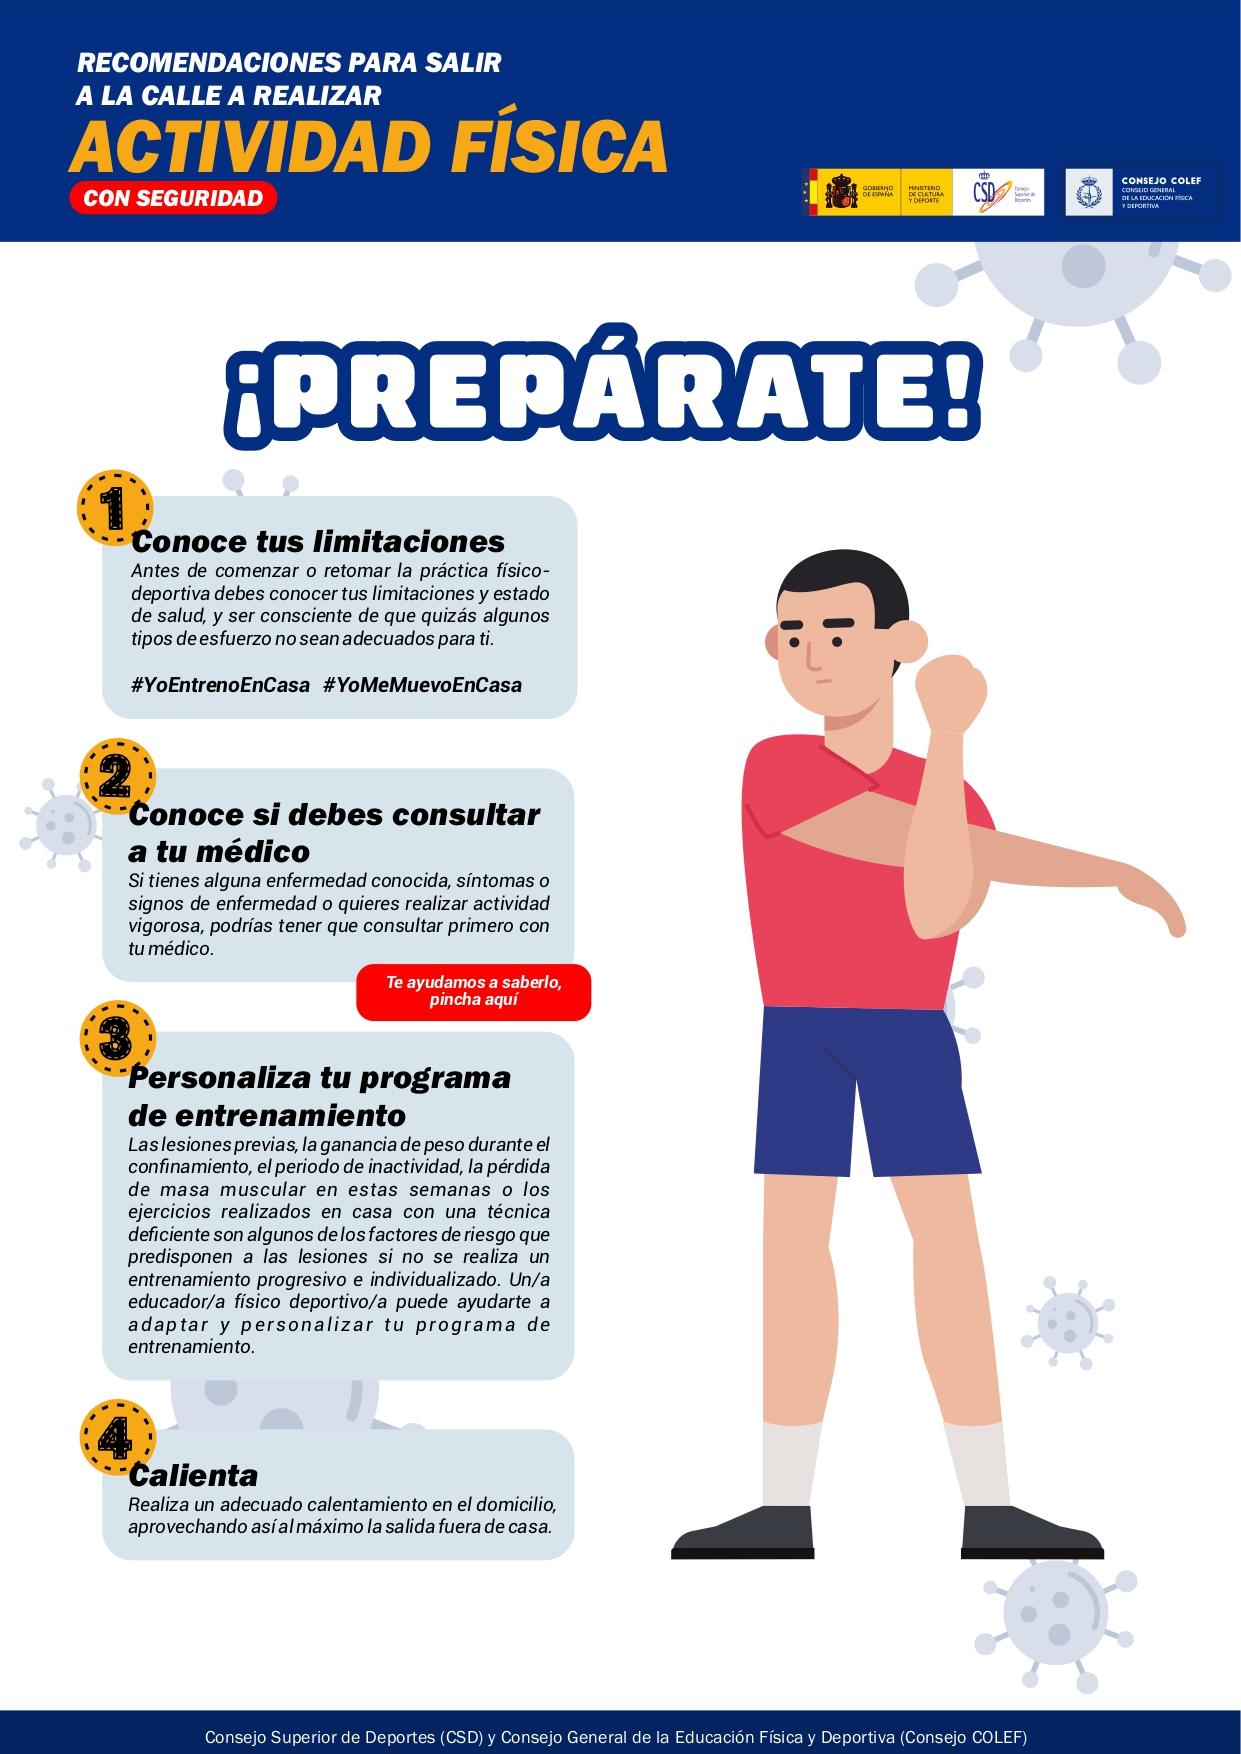 Recomendaciones para salir a la calle a realizar actividad física